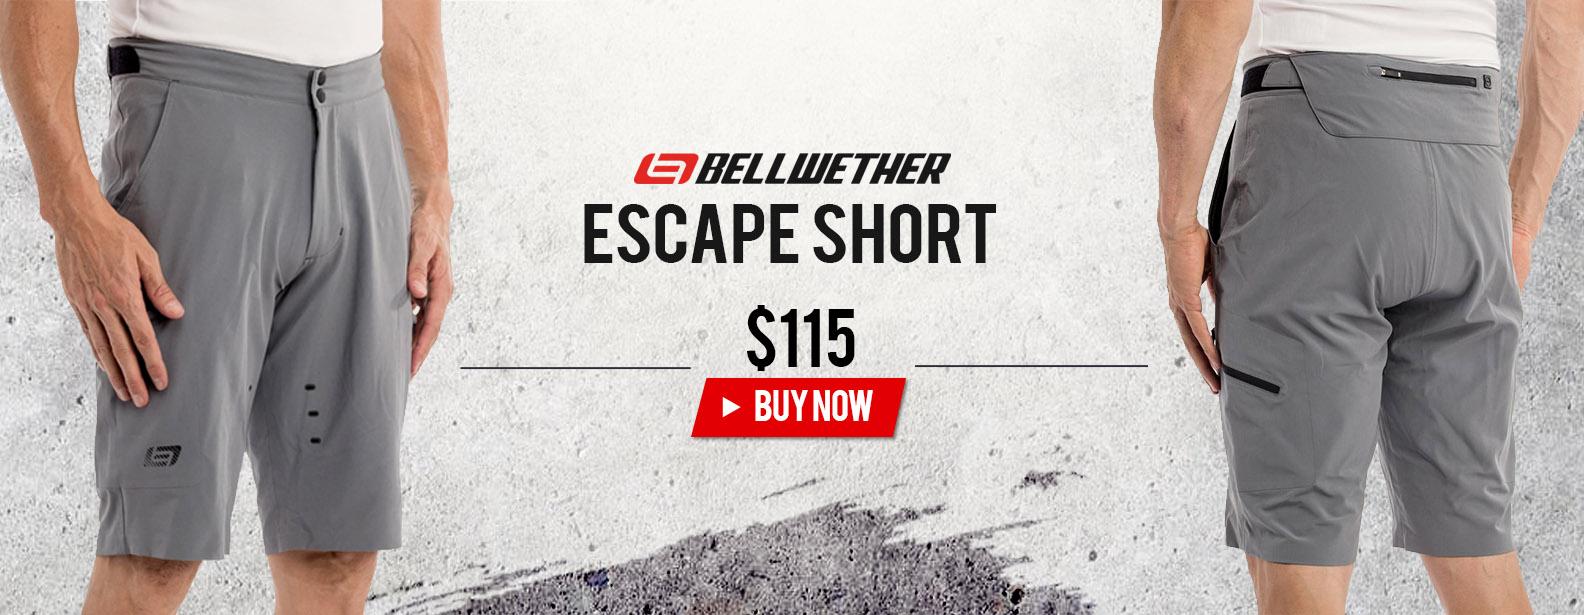 Bellwether Escape Short